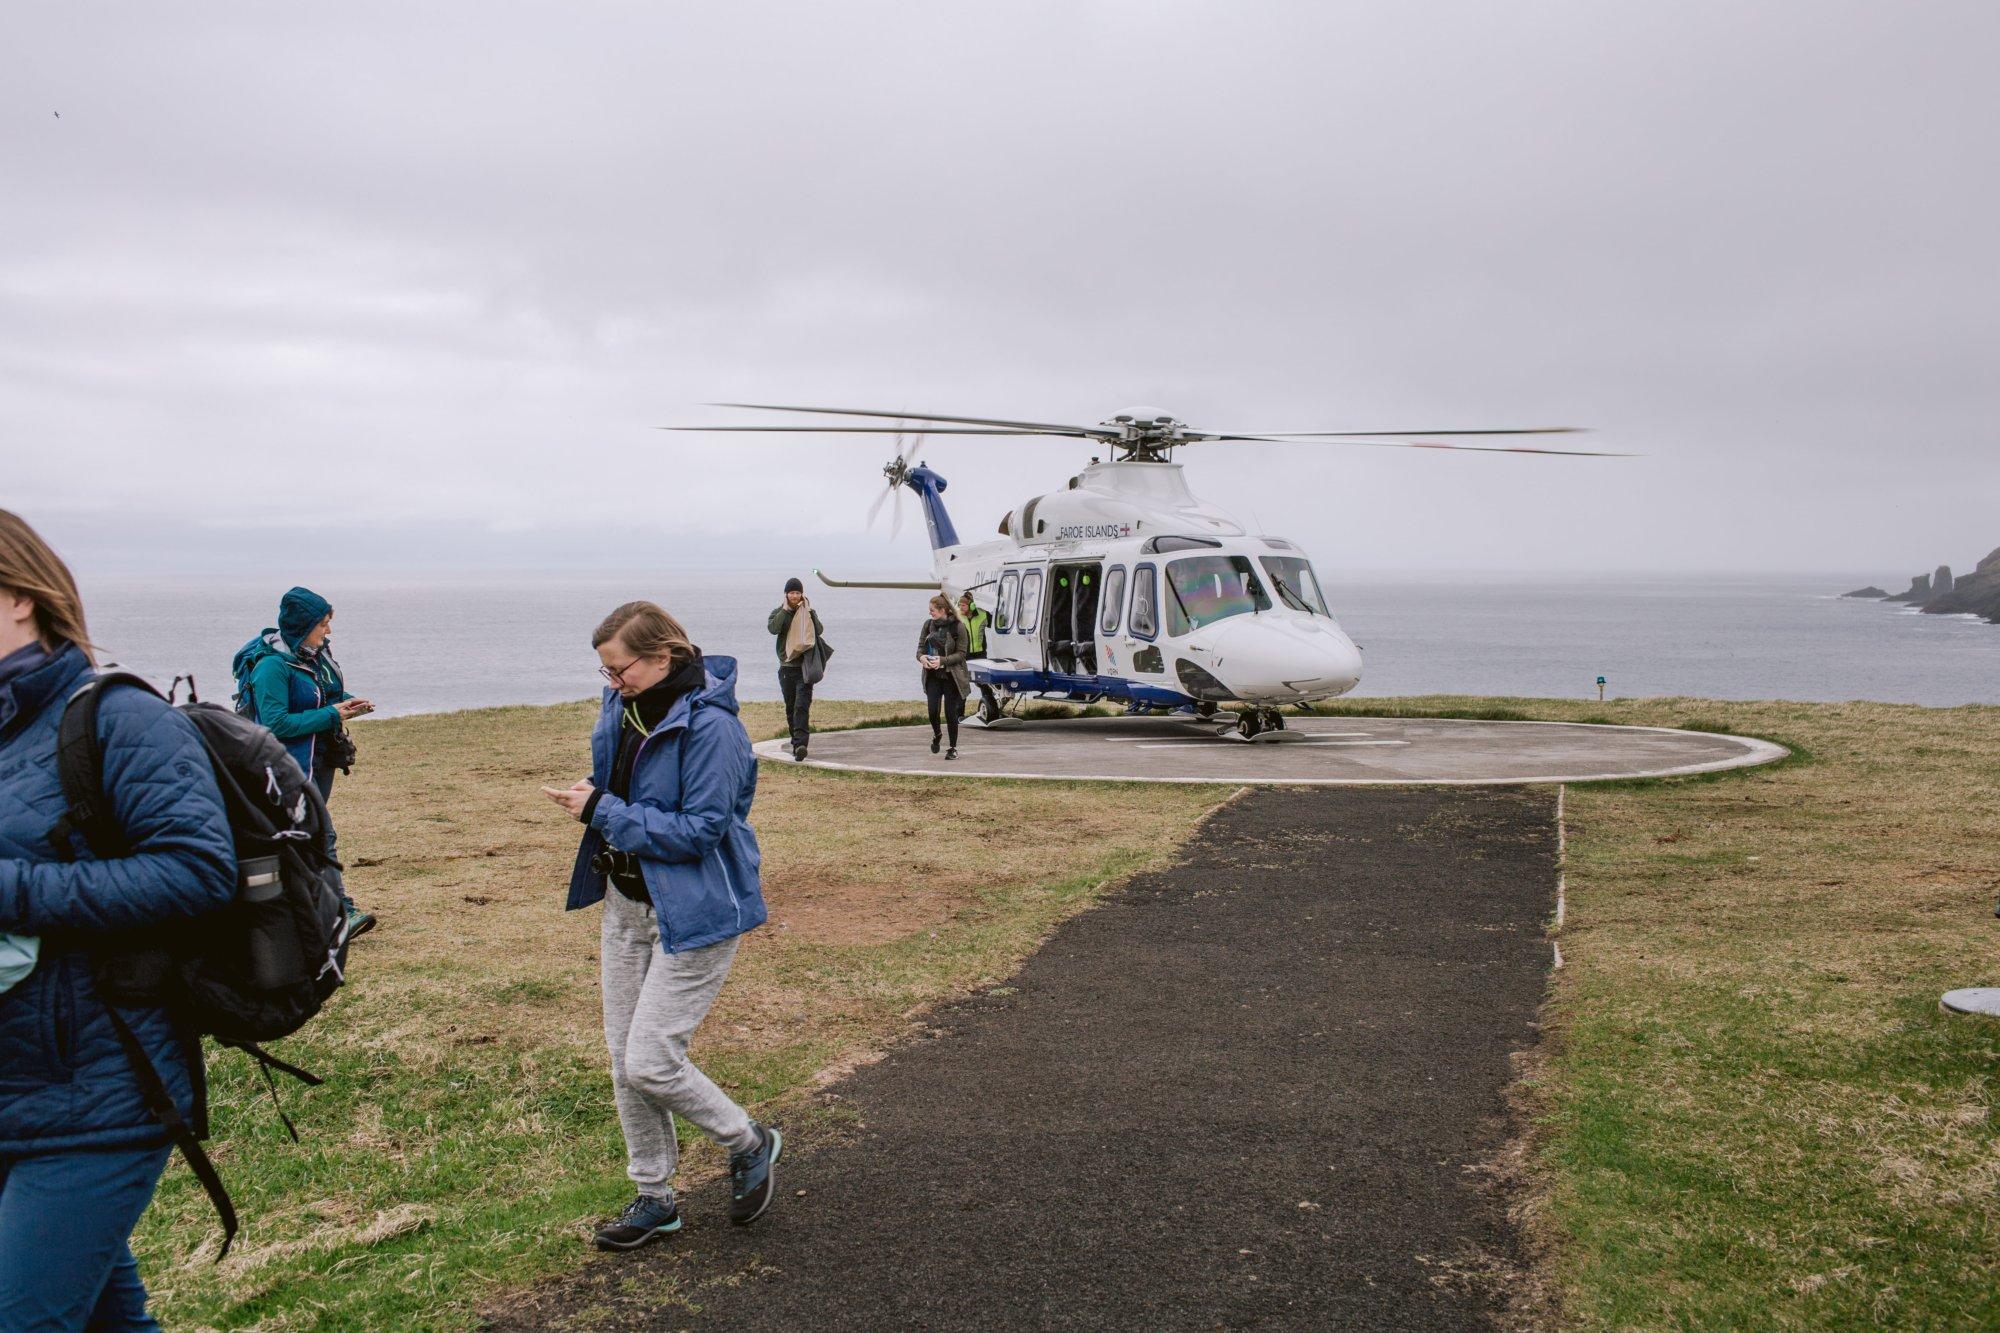 Helikopter na lądowisku na Mykines